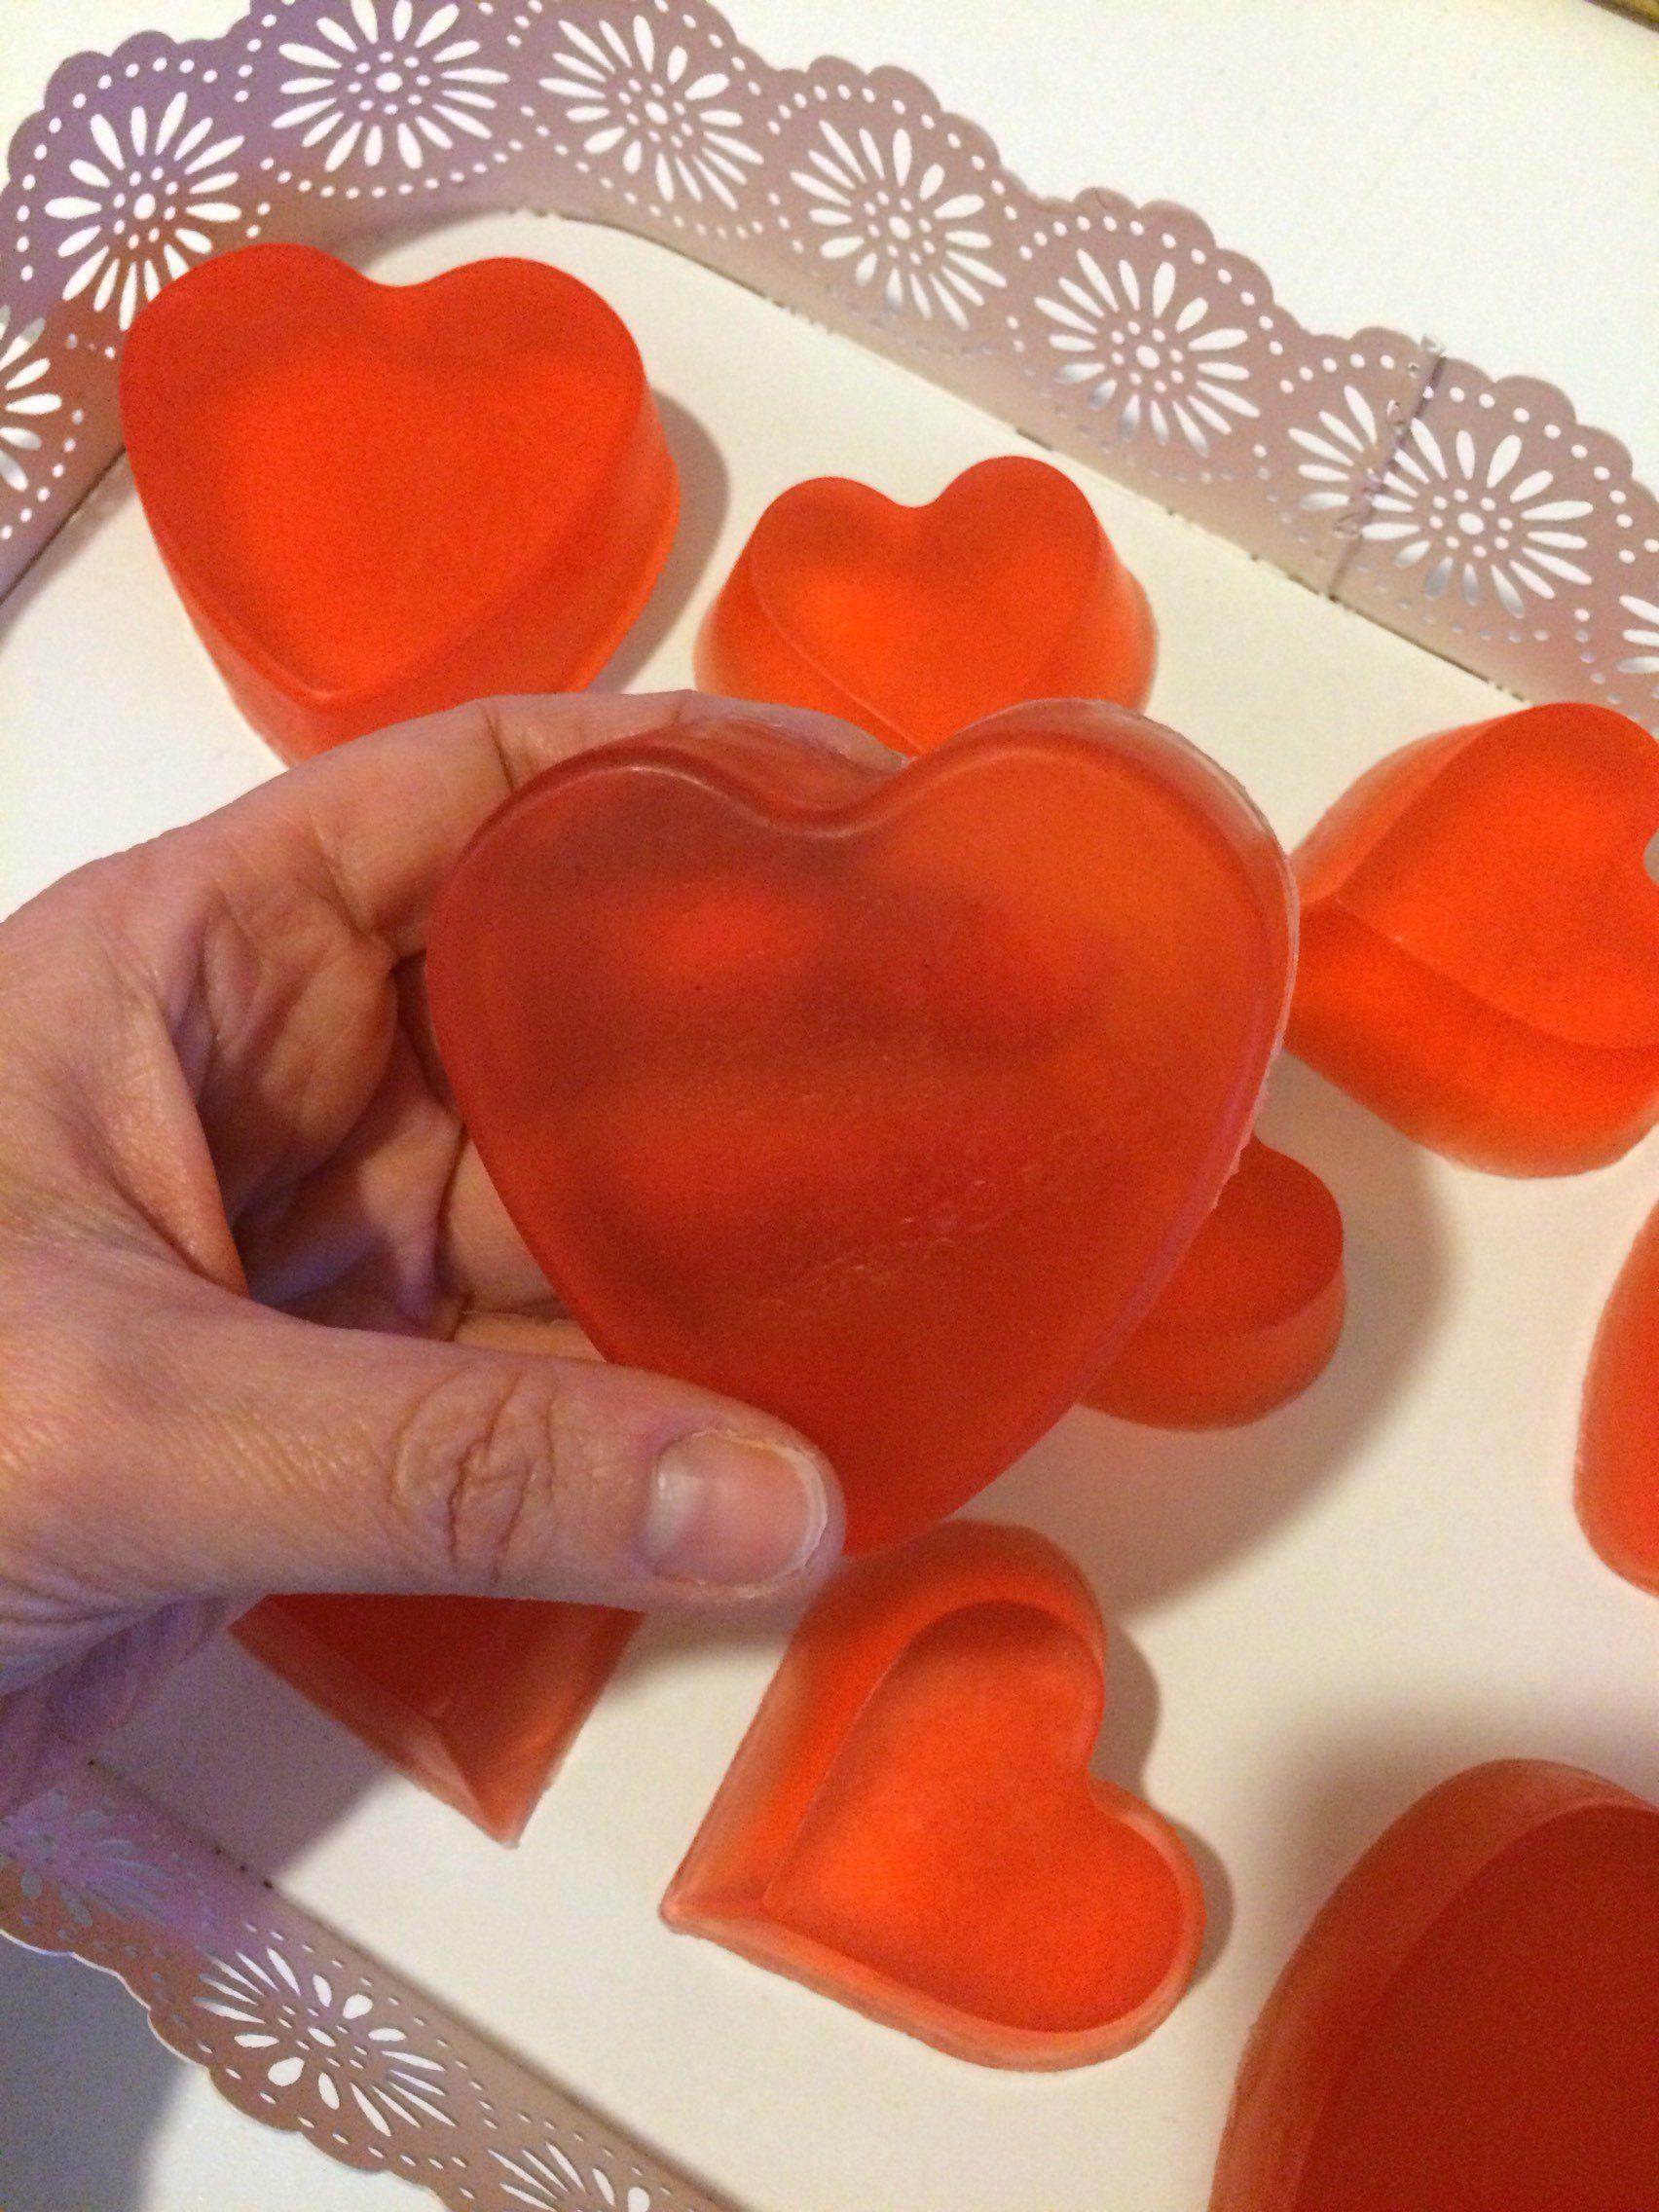 Cuore Rosso Di Sapone Trasparente Alla Glicerina Fatto A Mano I Love You San Valentino Nozze Anniversario Fidanzamento Fatto A Mano Saponi San Valentino